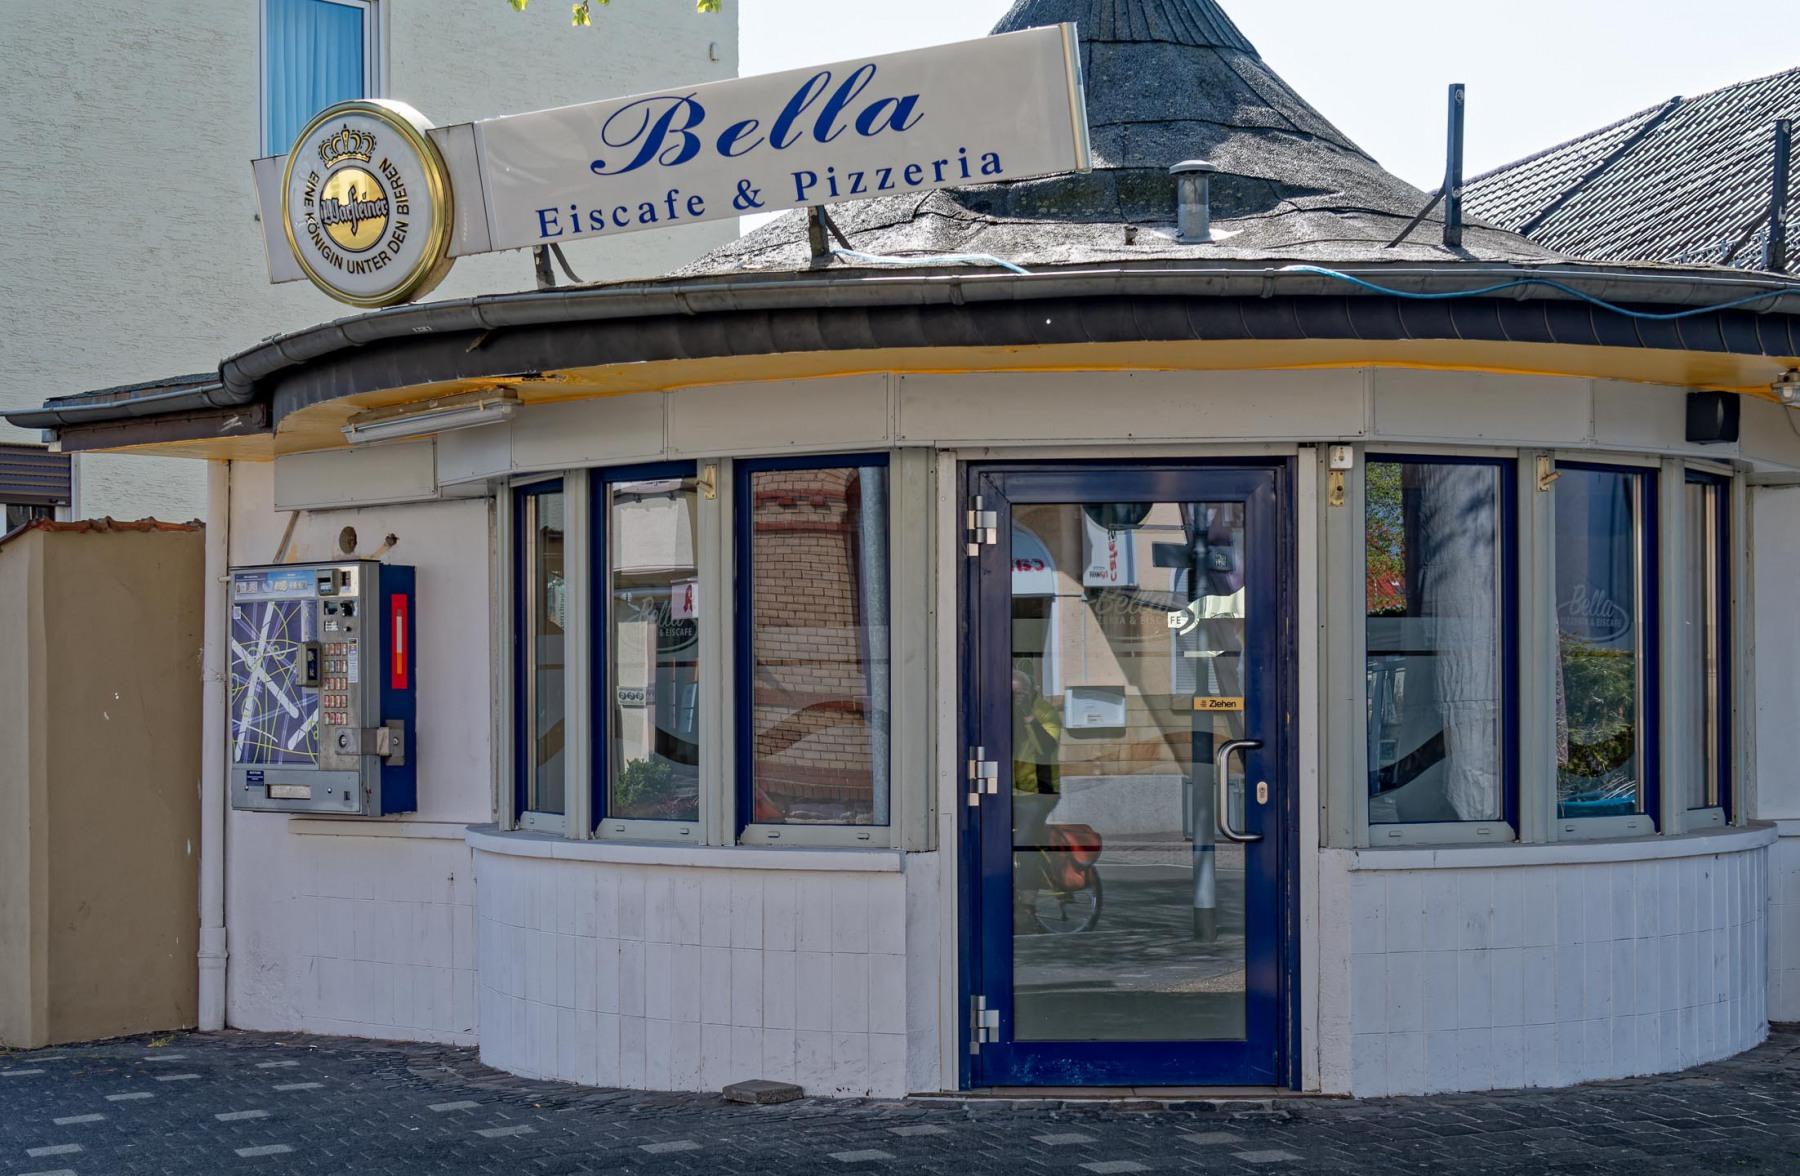 Bella-Bello-